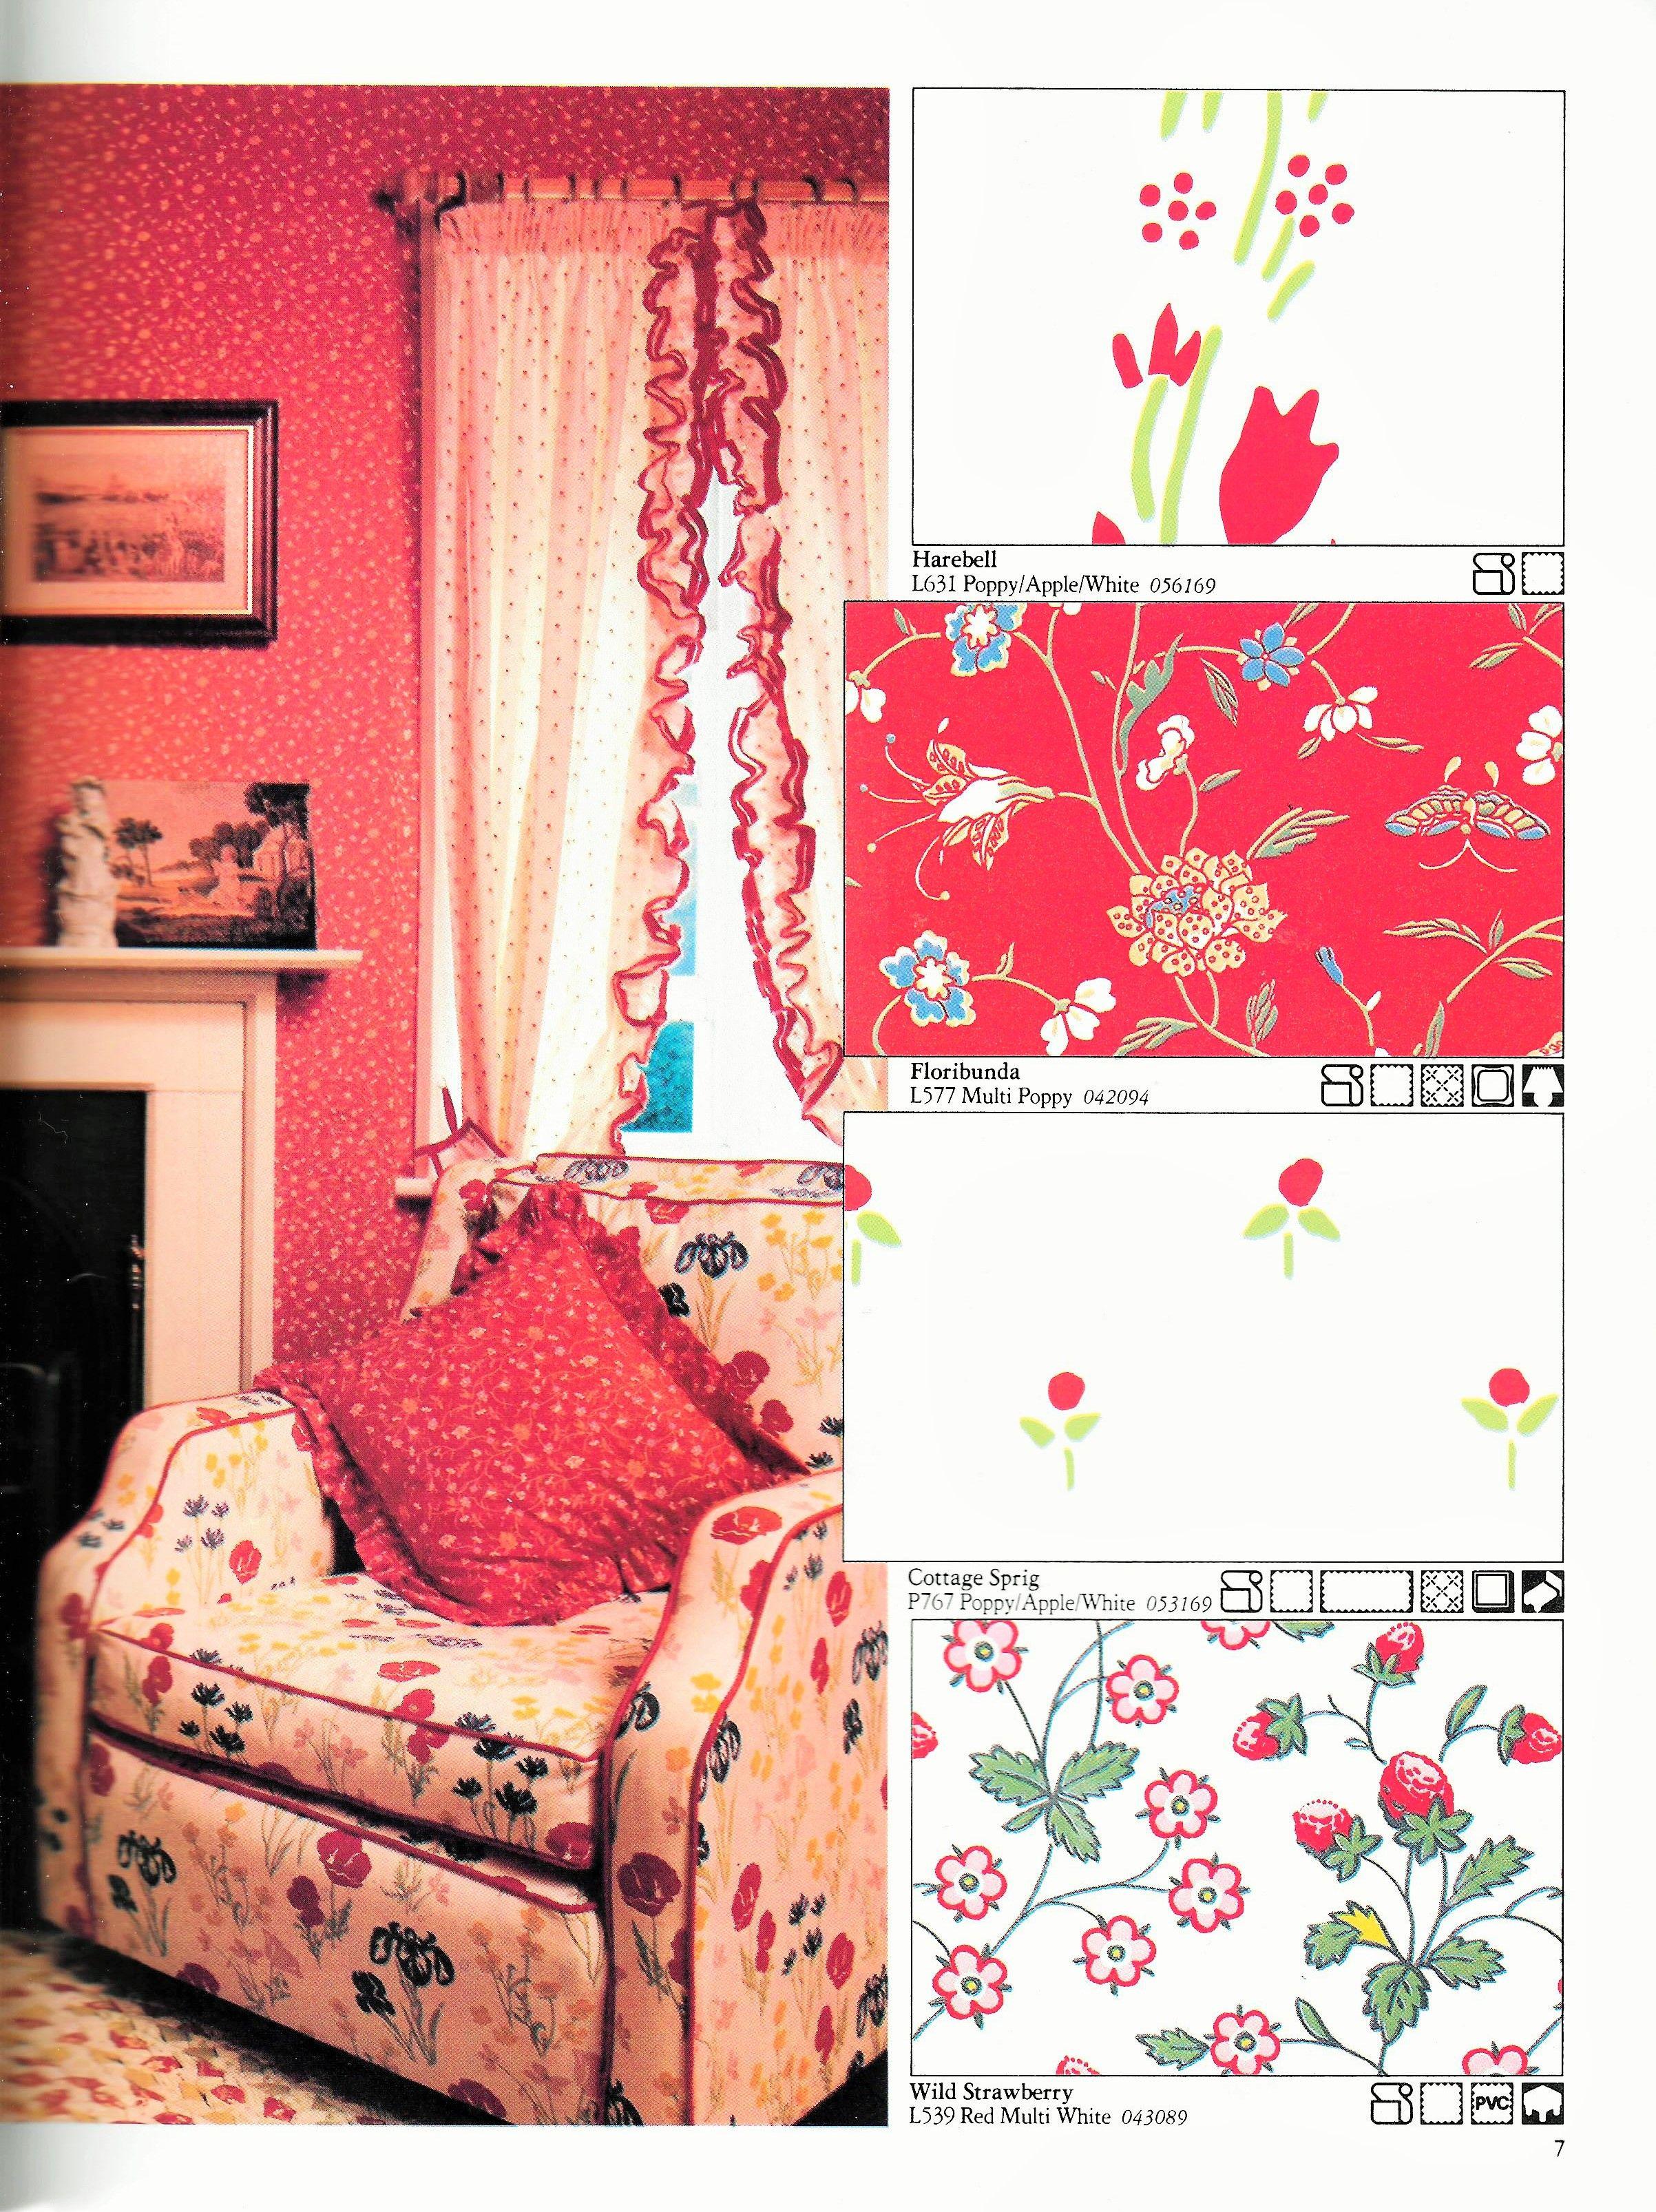 Laura Ashley 1983 Home Furnishings Catalogue Harebell Floribunda Cottage Sprig Wild Strawberry